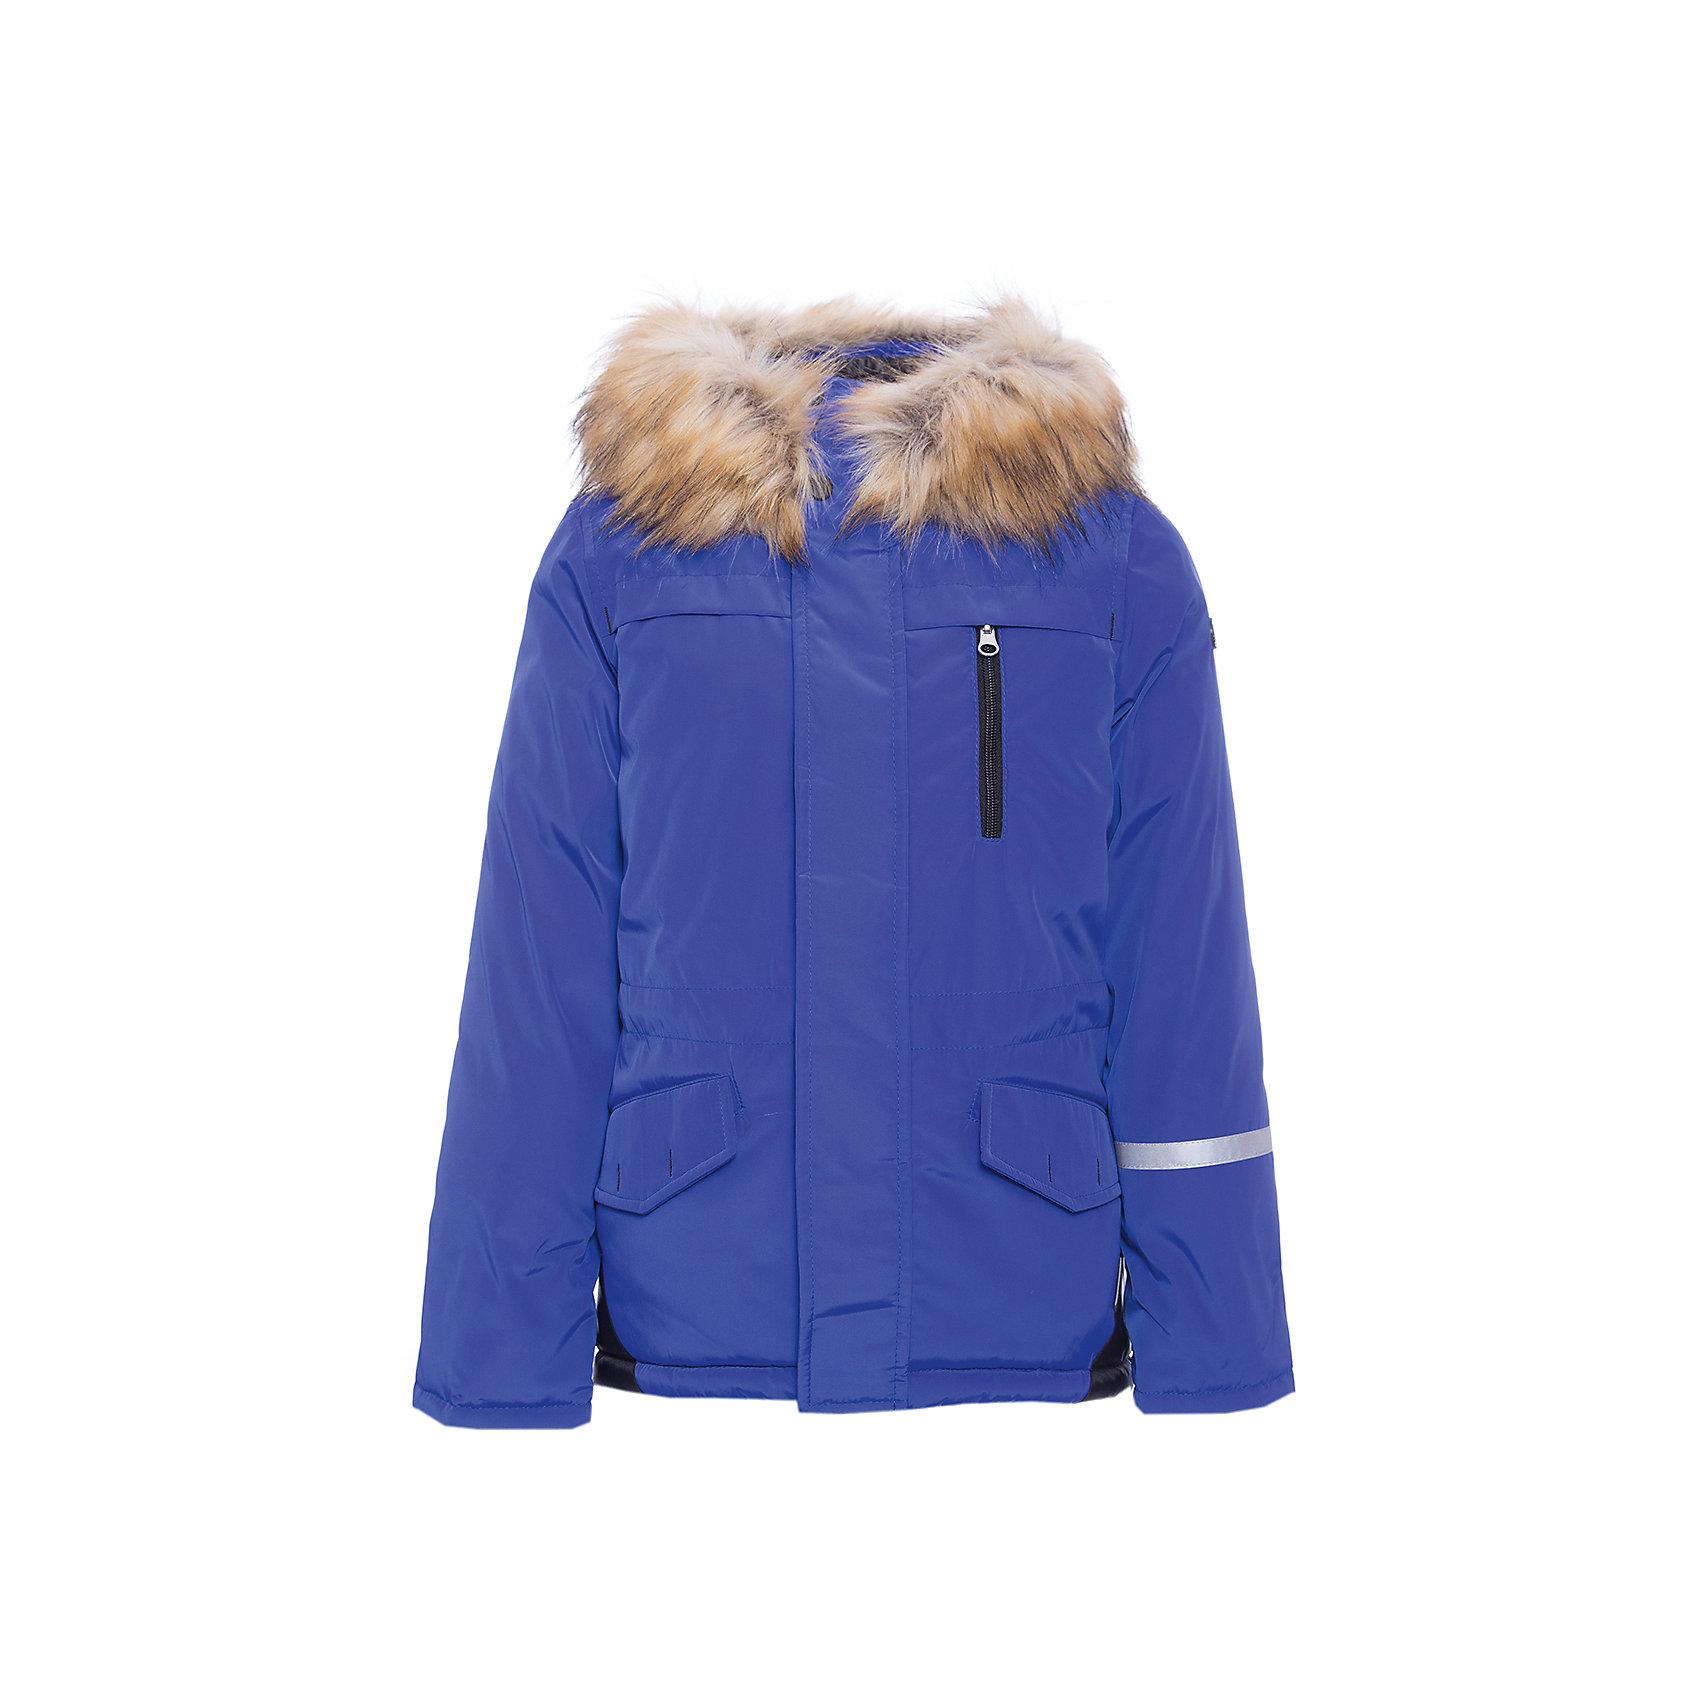 Куртка BOOM by OrbyВерхняя одежда<br>Характеристики товара:<br><br>• цвет: синий<br>• состав ткани: твил pu milky<br>• подкладка: хлопок, флис, полиэстер пуходержащий<br>• утеплитель: эко синтепон <br>• сезон: зима<br>• температурный режим: от 0 до -30С<br>• плотность утеплителя: 400 г/м2<br>• капюшон: с мехом<br>• застежка: молния<br>• страна бренда: Россия<br>• страна изготовитель: Россия<br><br>Практичная теплая куртка имеет удобный капюшон с опушкой. Зимняя куртка для ребенка поможет обеспечить необходимый уровень комфорта в морозы. Плотная ткань и утеплитель зимней куртки защитят ребенка от холодного воздуха. <br><br>Куртку для девочки BOOM by Orby (Бум бай Орби) можно купить в нашем интернет-магазине.<br><br>Ширина мм: 356<br>Глубина мм: 10<br>Высота мм: 245<br>Вес г: 519<br>Цвет: синий<br>Возраст от месяцев: 132<br>Возраст до месяцев: 144<br>Пол: Унисекс<br>Возраст: Детский<br>Размер: 152,158,98,104,110,116,122,128,134,140,146<br>SKU: 7090202